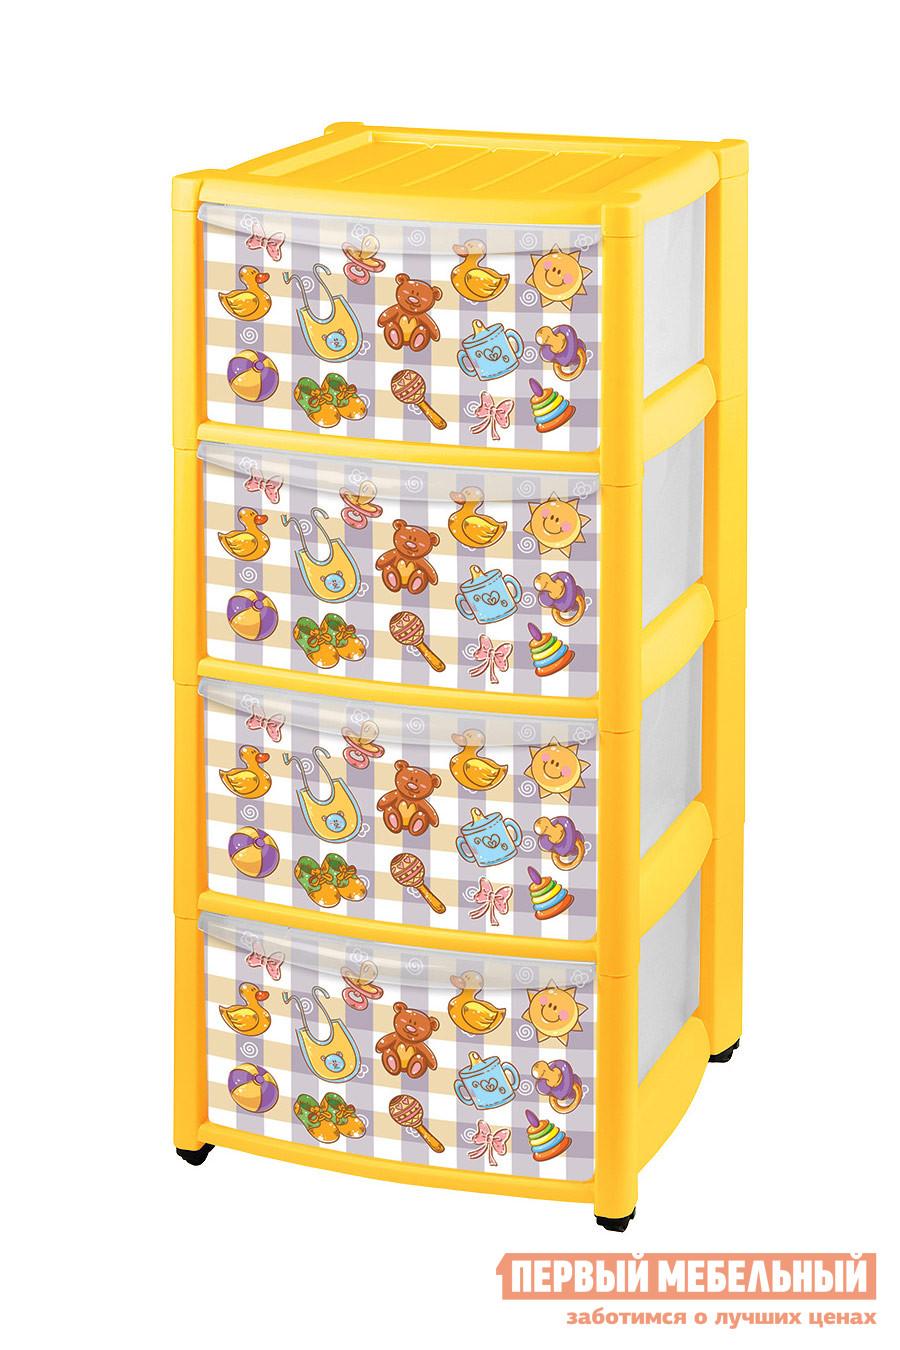 Комод детский Пластишка 4313871 Желтый